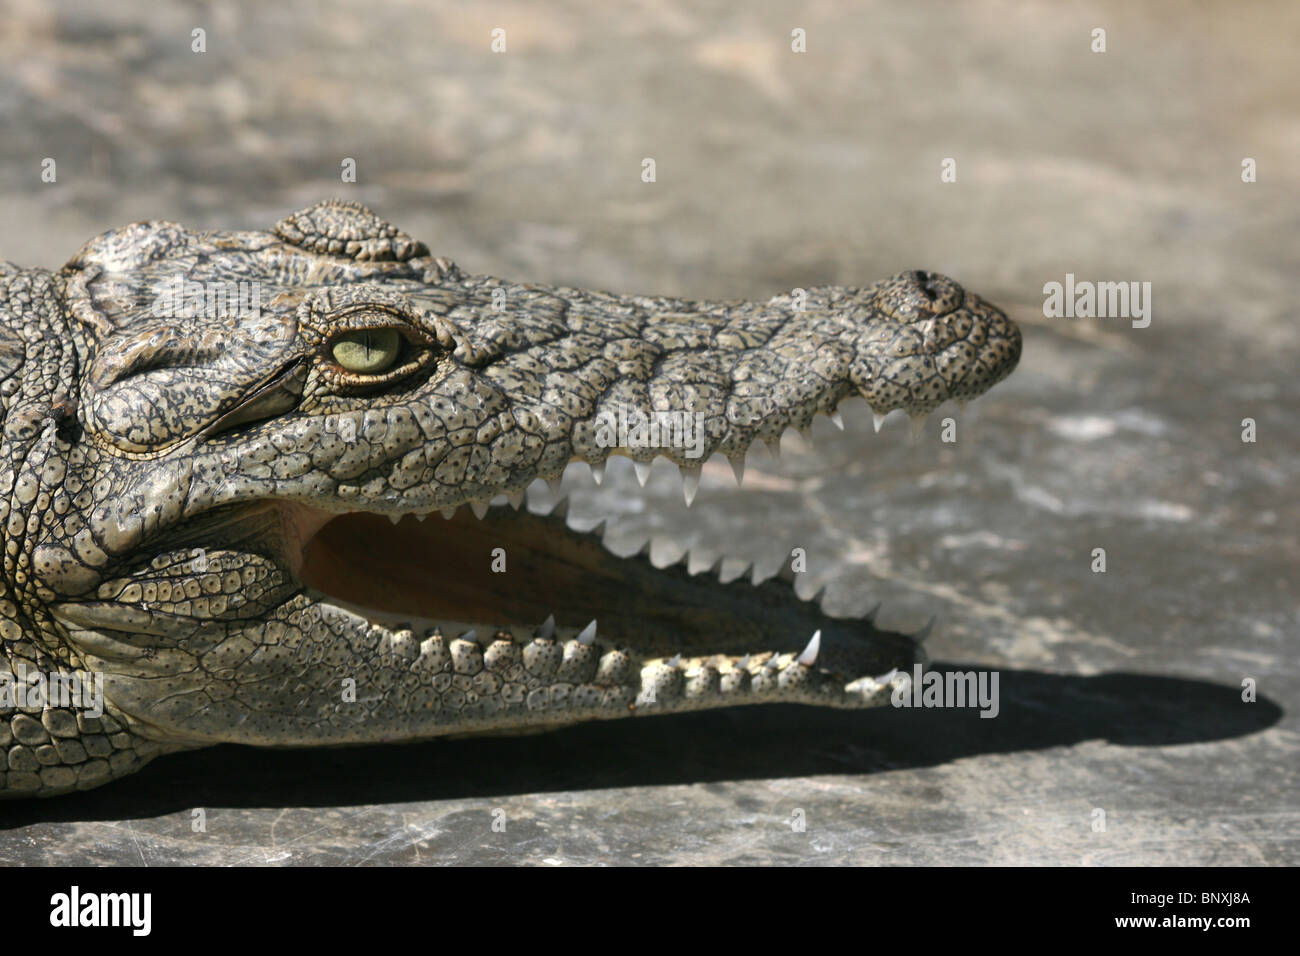 Nile crocodile at a crocodile farm in Uganda - Stock Image